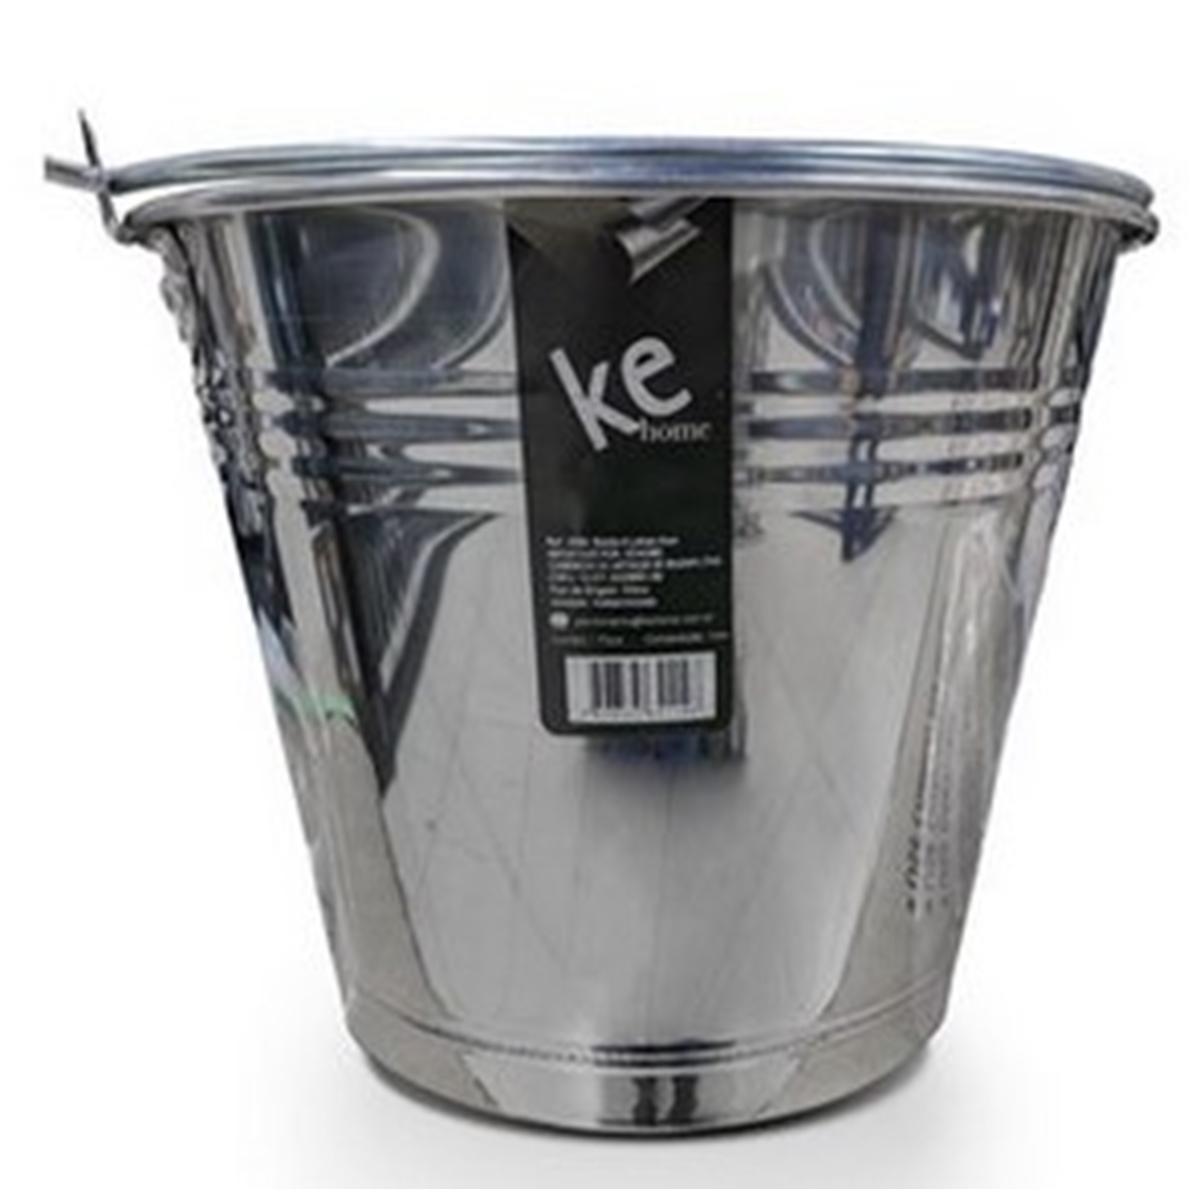 Balde de Gelo Com Pegador em Aço Inox 2,5 litros Ke Home 5781